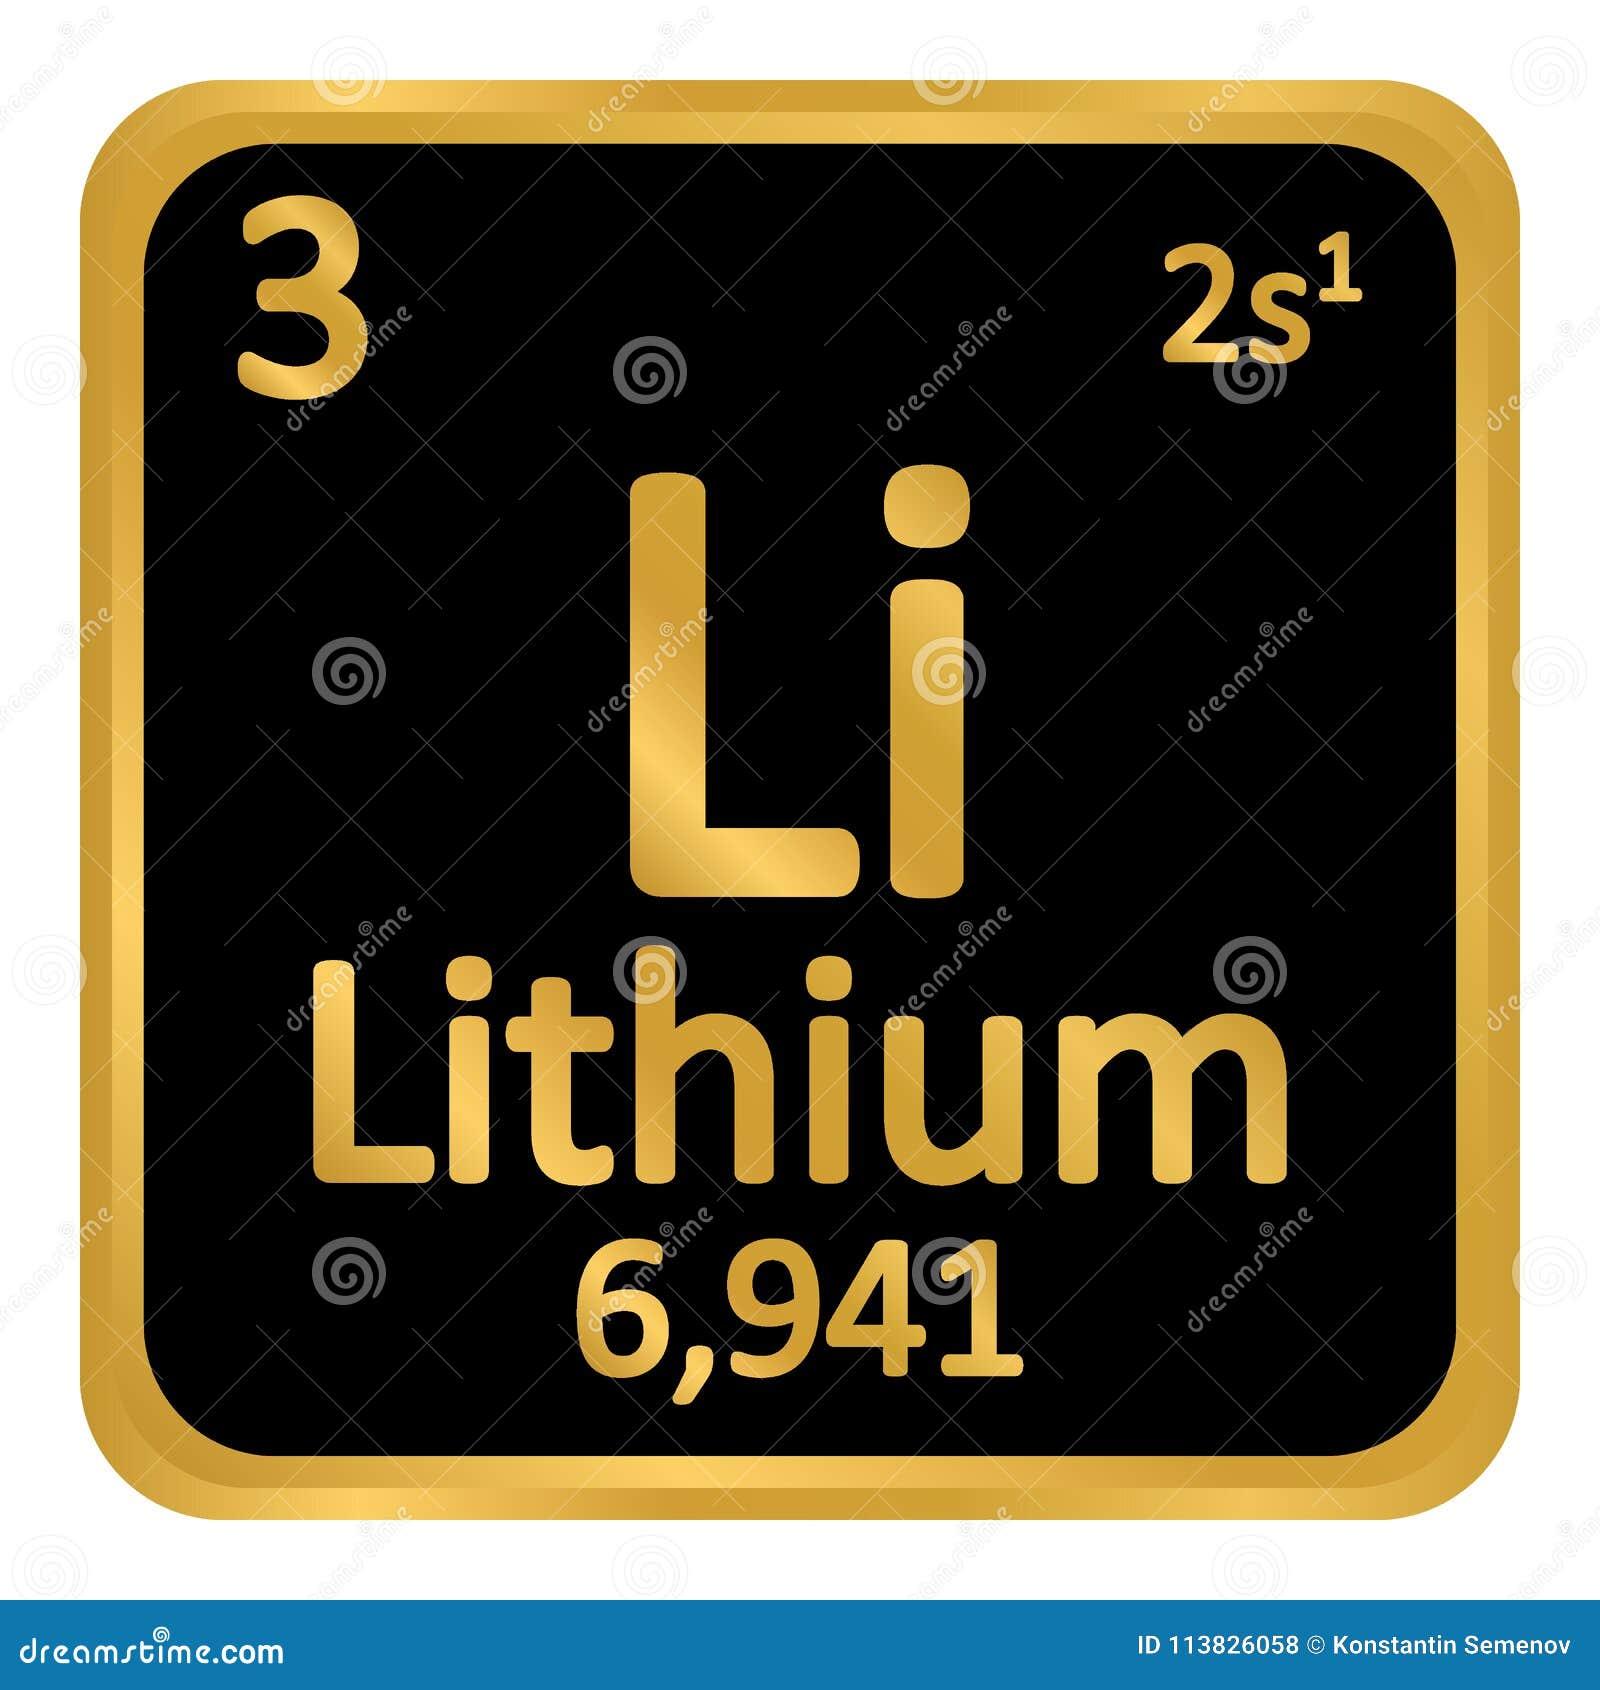 periodic table element lithium icon - Periodic Table Symbol For Lithium